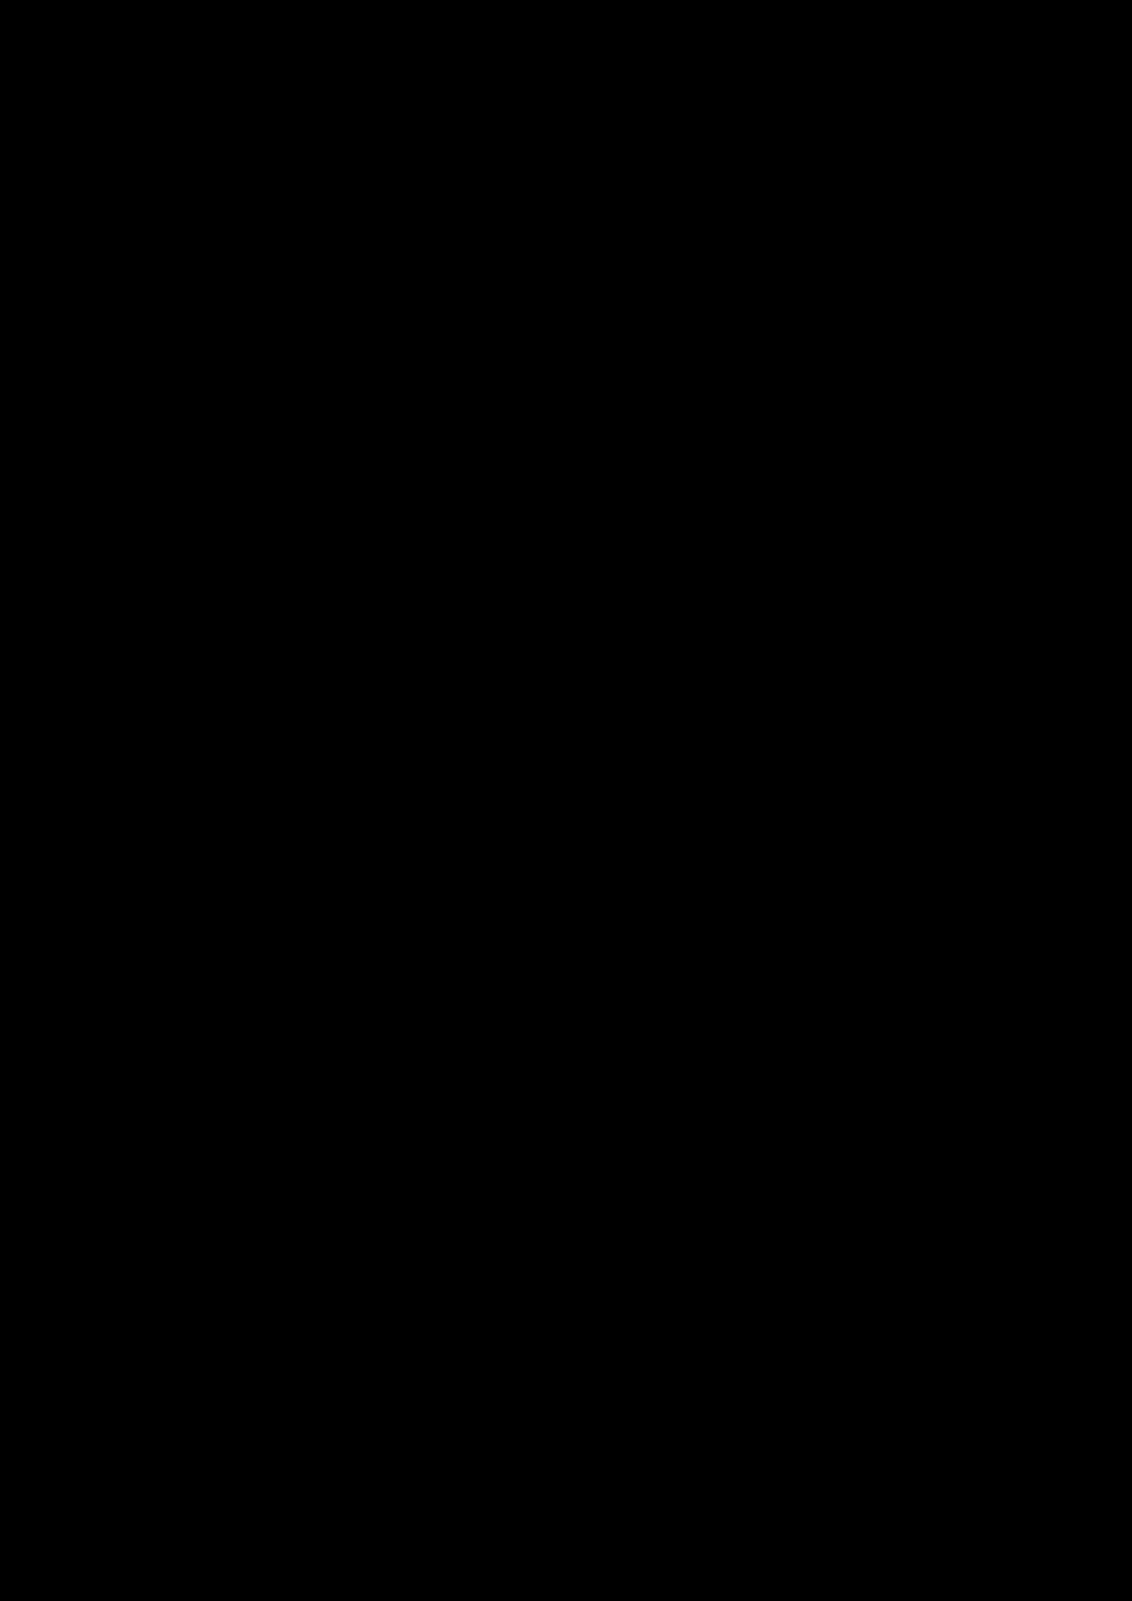 Zagadka volshebnoy stranyi slide, Image 182